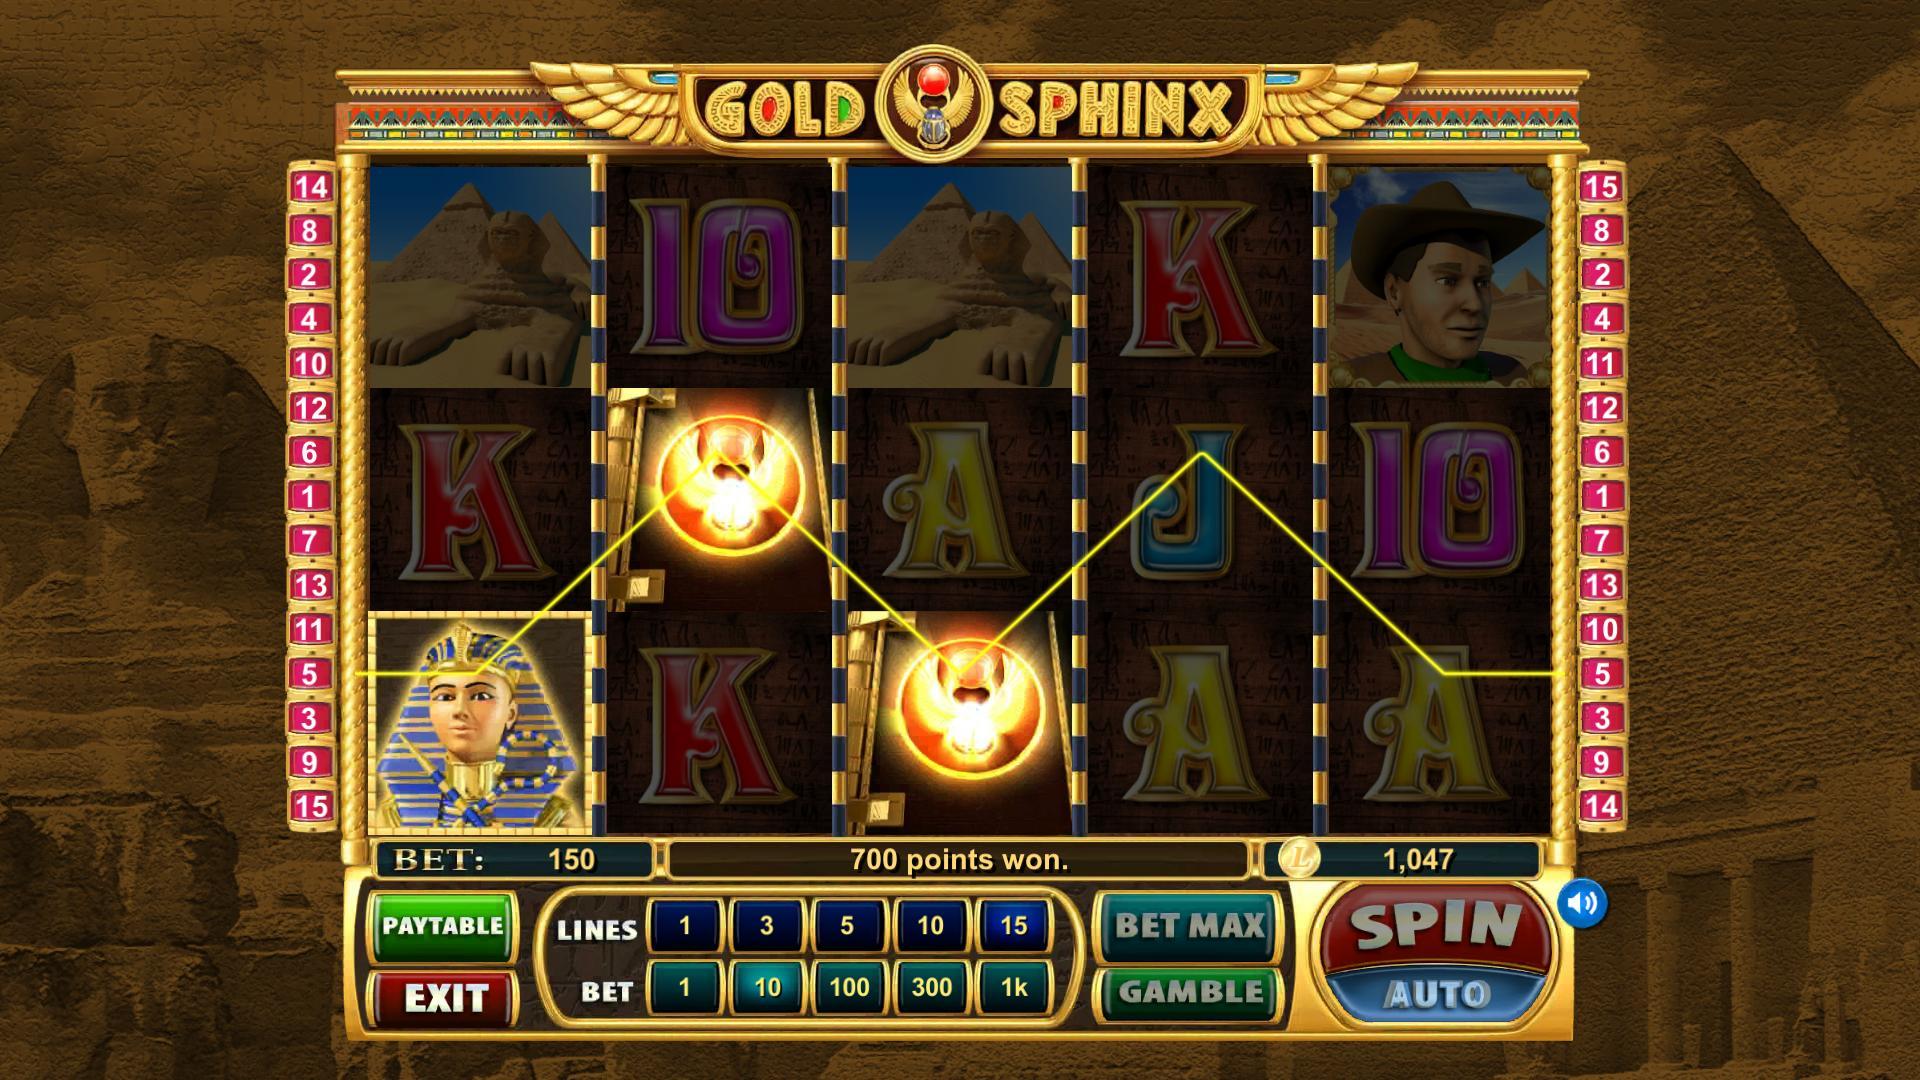 игровые автоматы играть с минимальным депозитом 50 рублей